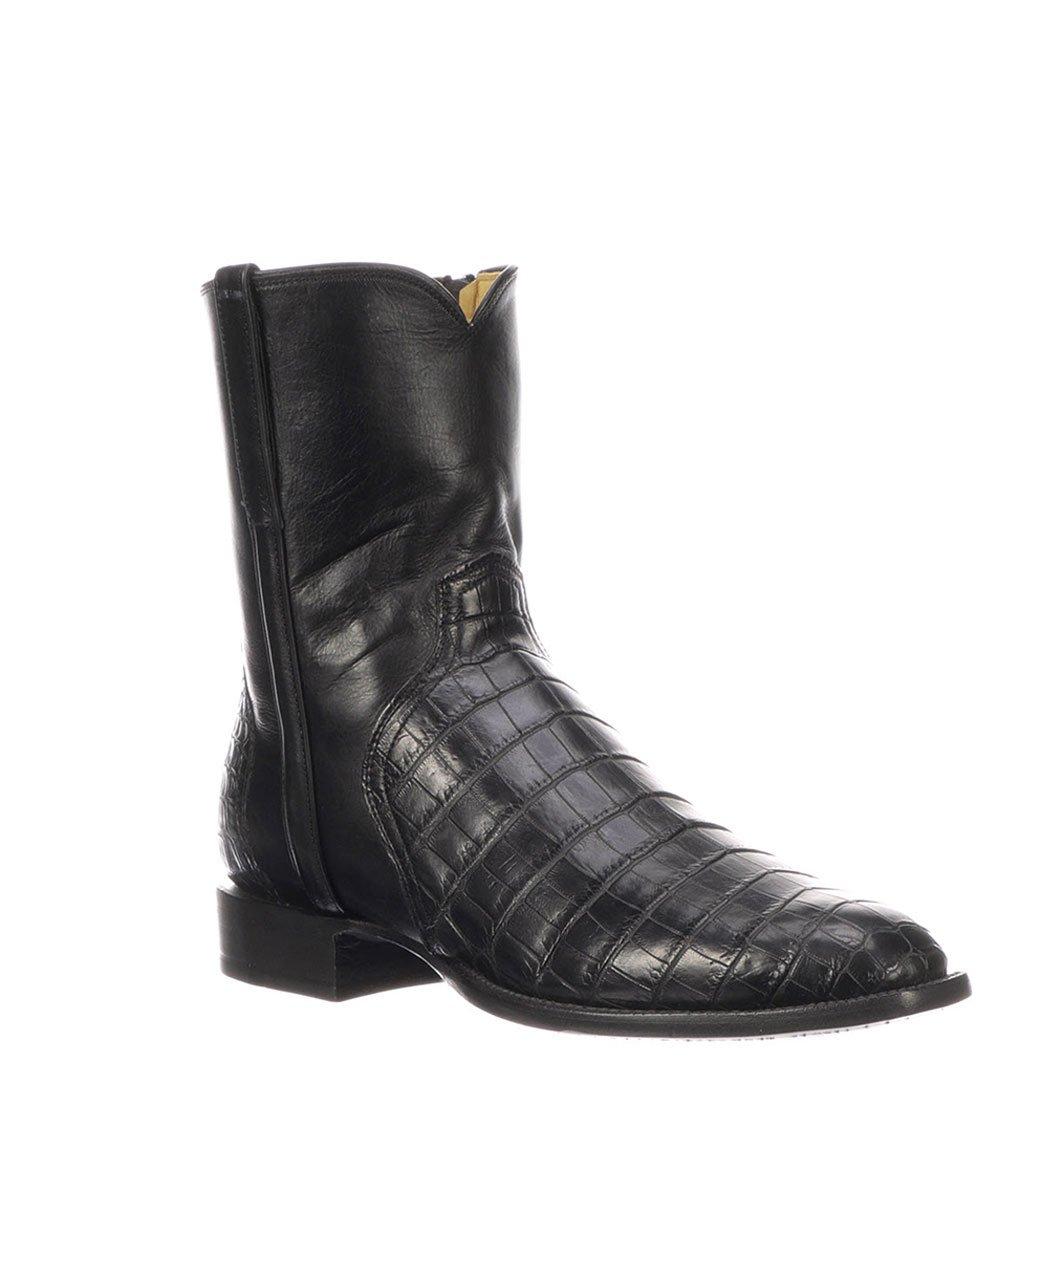 Lucchese Men's Dress Boot: Elliot, Black